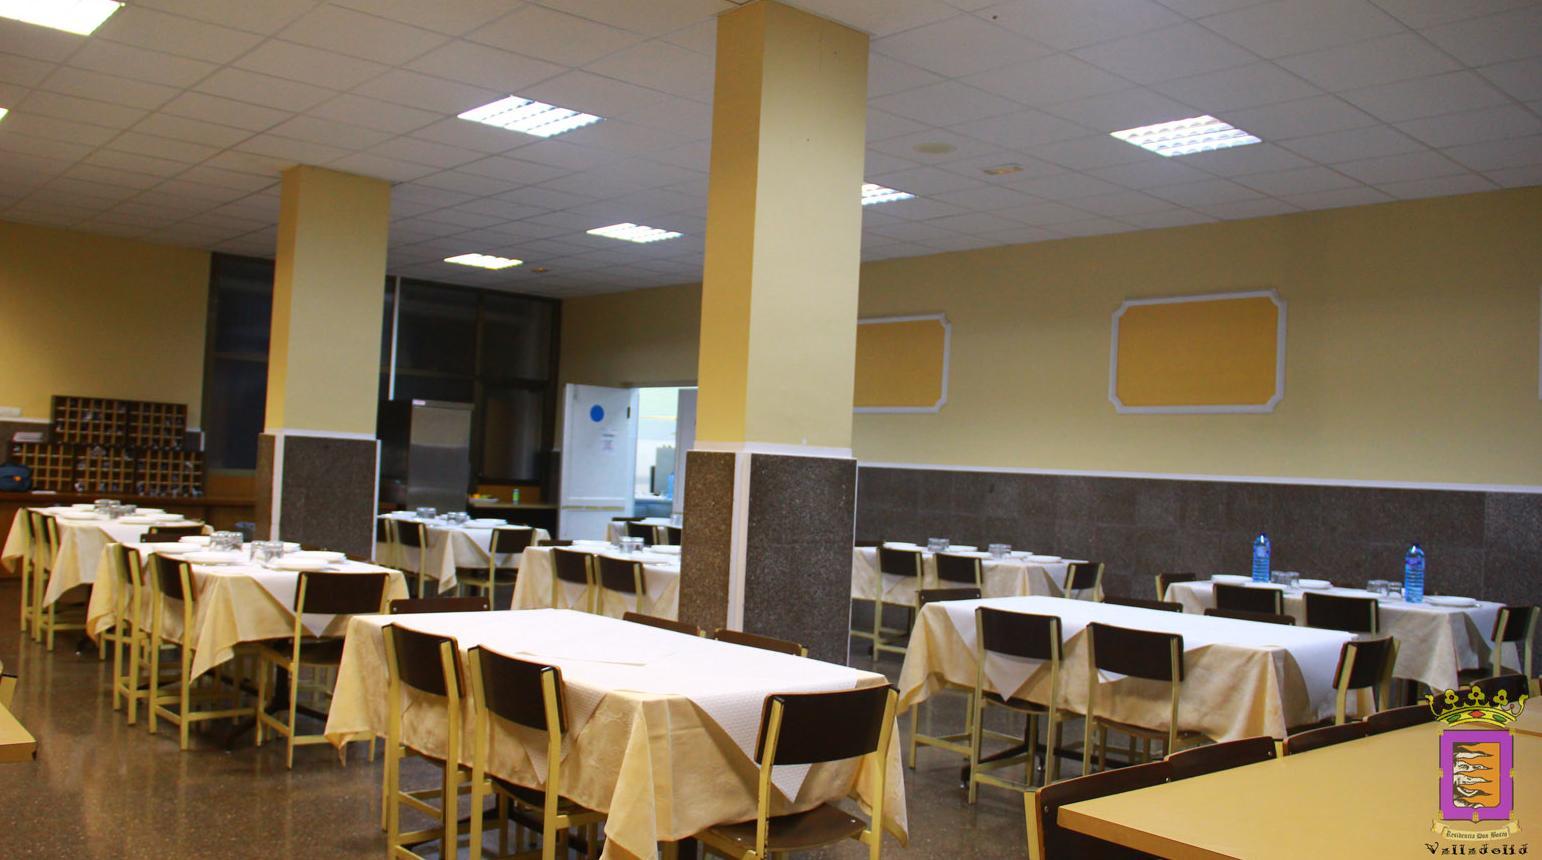 Foto 9 de Residencias de estudiantes en Valladolid | Residencia Universitaria Don Bosco